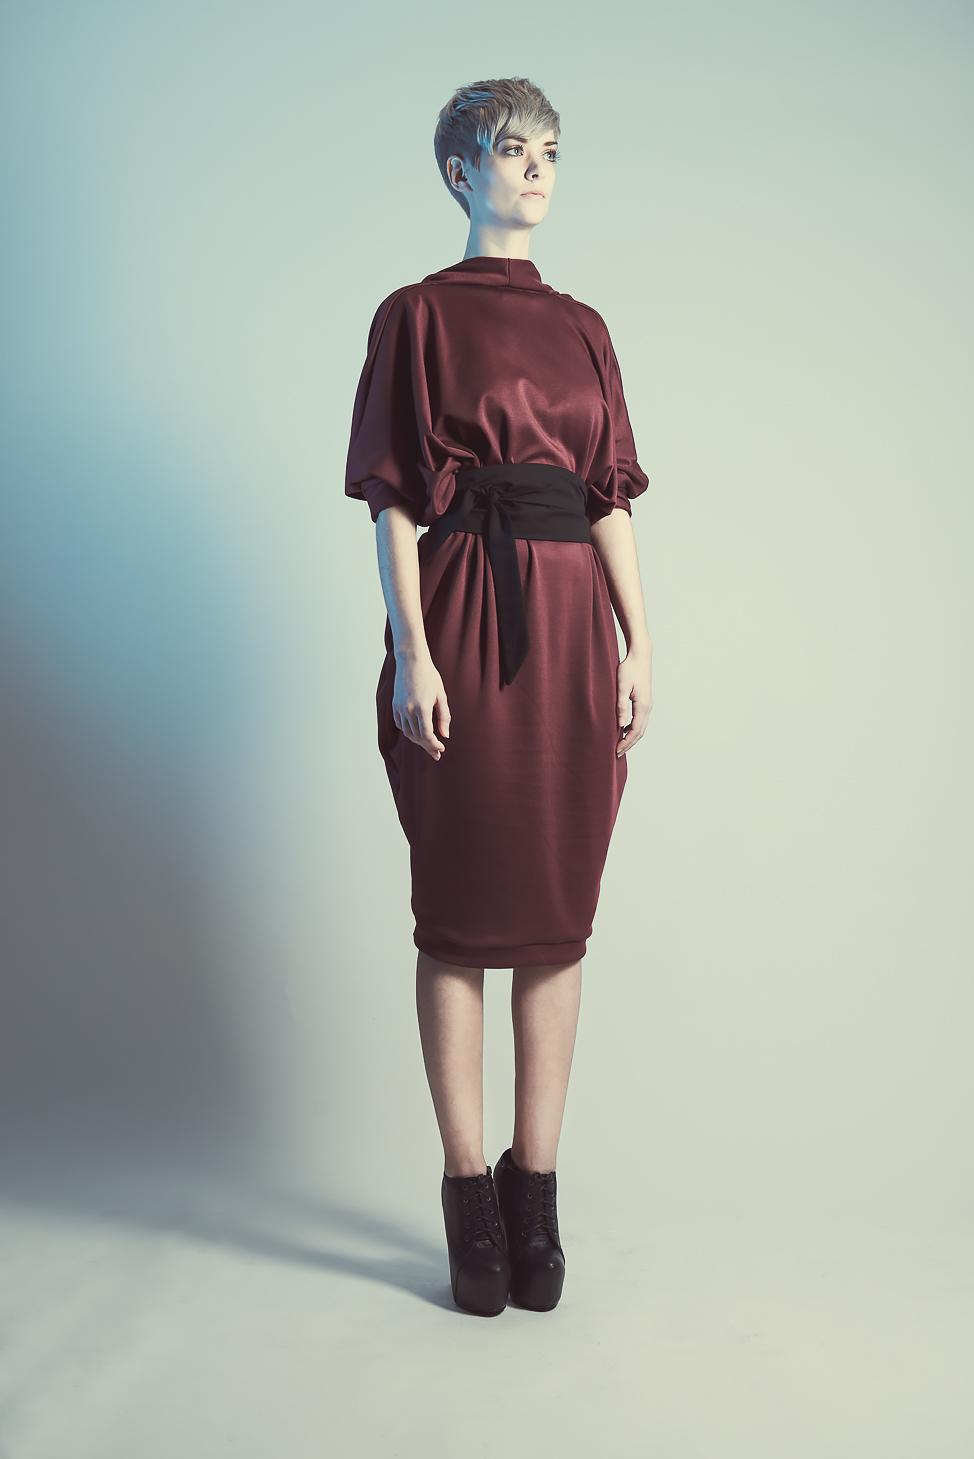 zaramia-ava-zaramiaava-leeds-fashion-designer-ethical-sustainable-tailored-minimalist-aya-burgundy-dress-obi-belt-black-versatile-drape-cowl-styling-womenswear-models-photoshoot-shrine-hairdressers-10